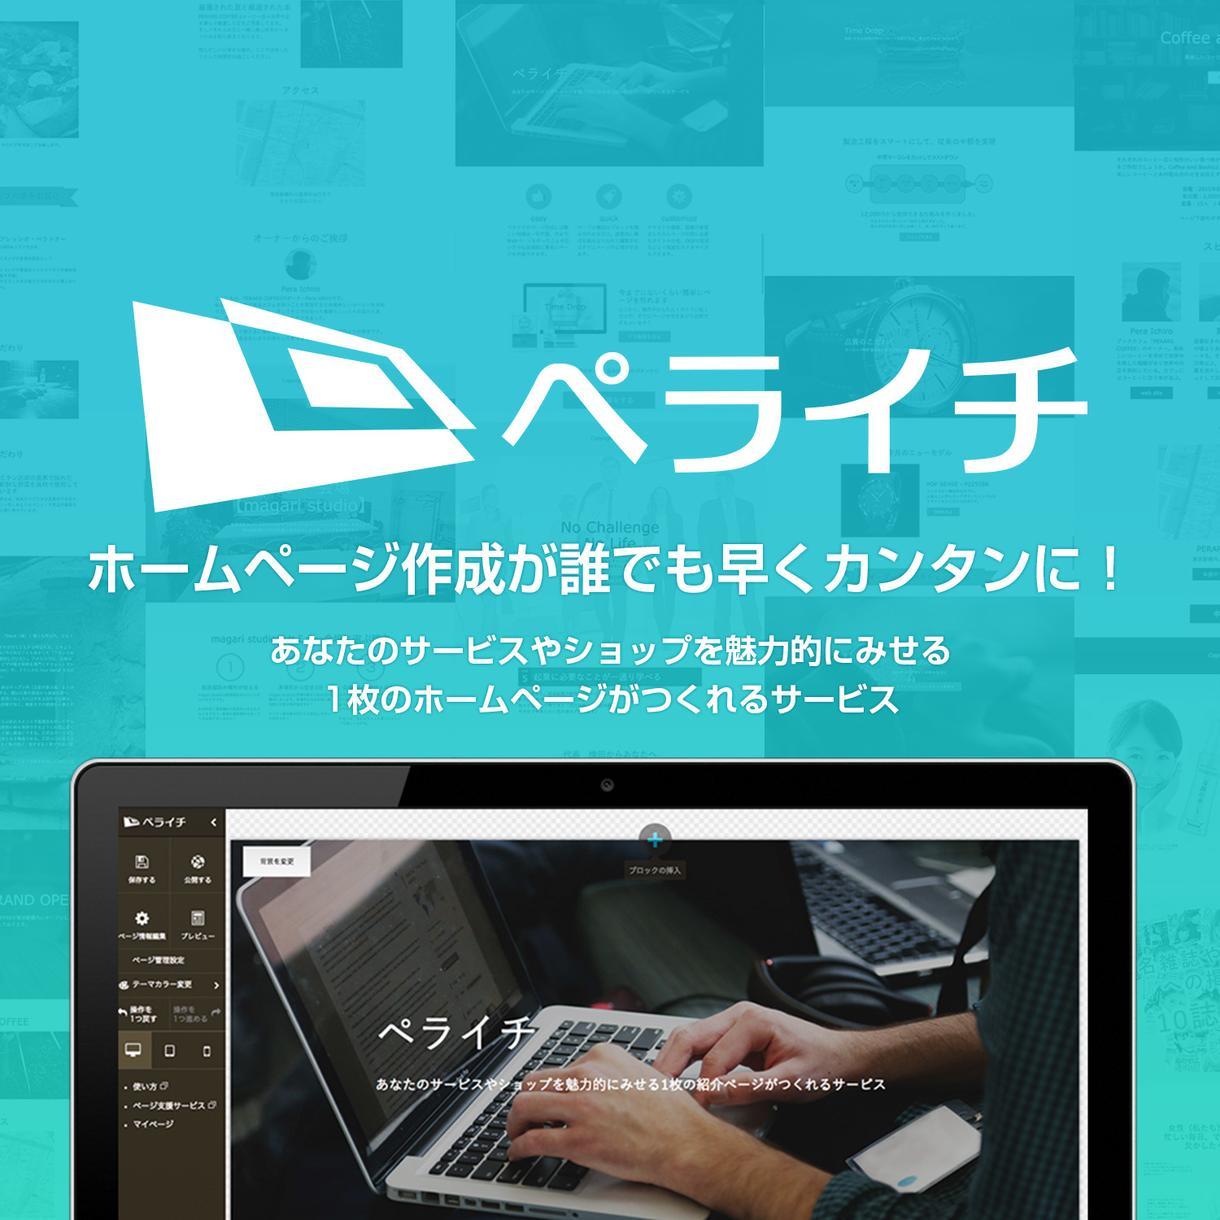 短納期! 3000円でホームページ、LPを作ります ぺライチというサイトを利用して、現役デザイナーが作成します